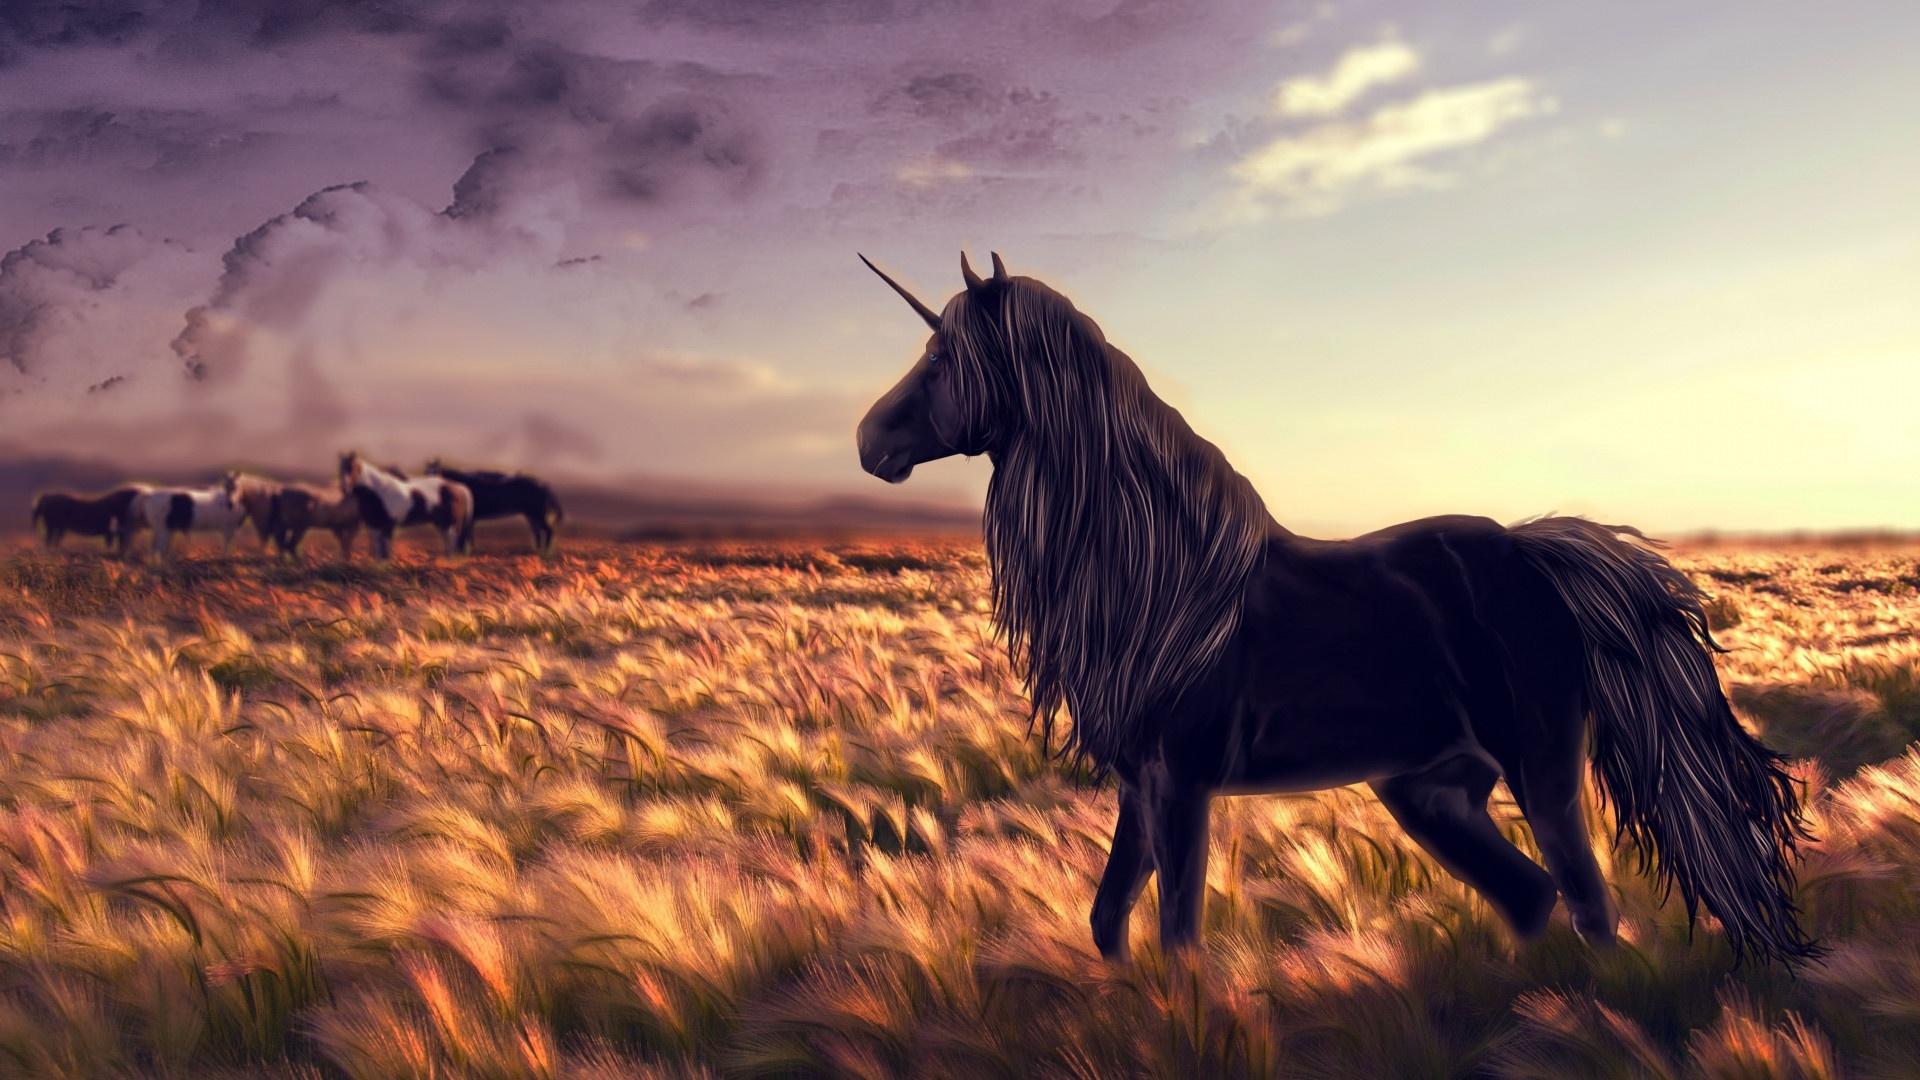 Magic Horses desktop wallpaper hd